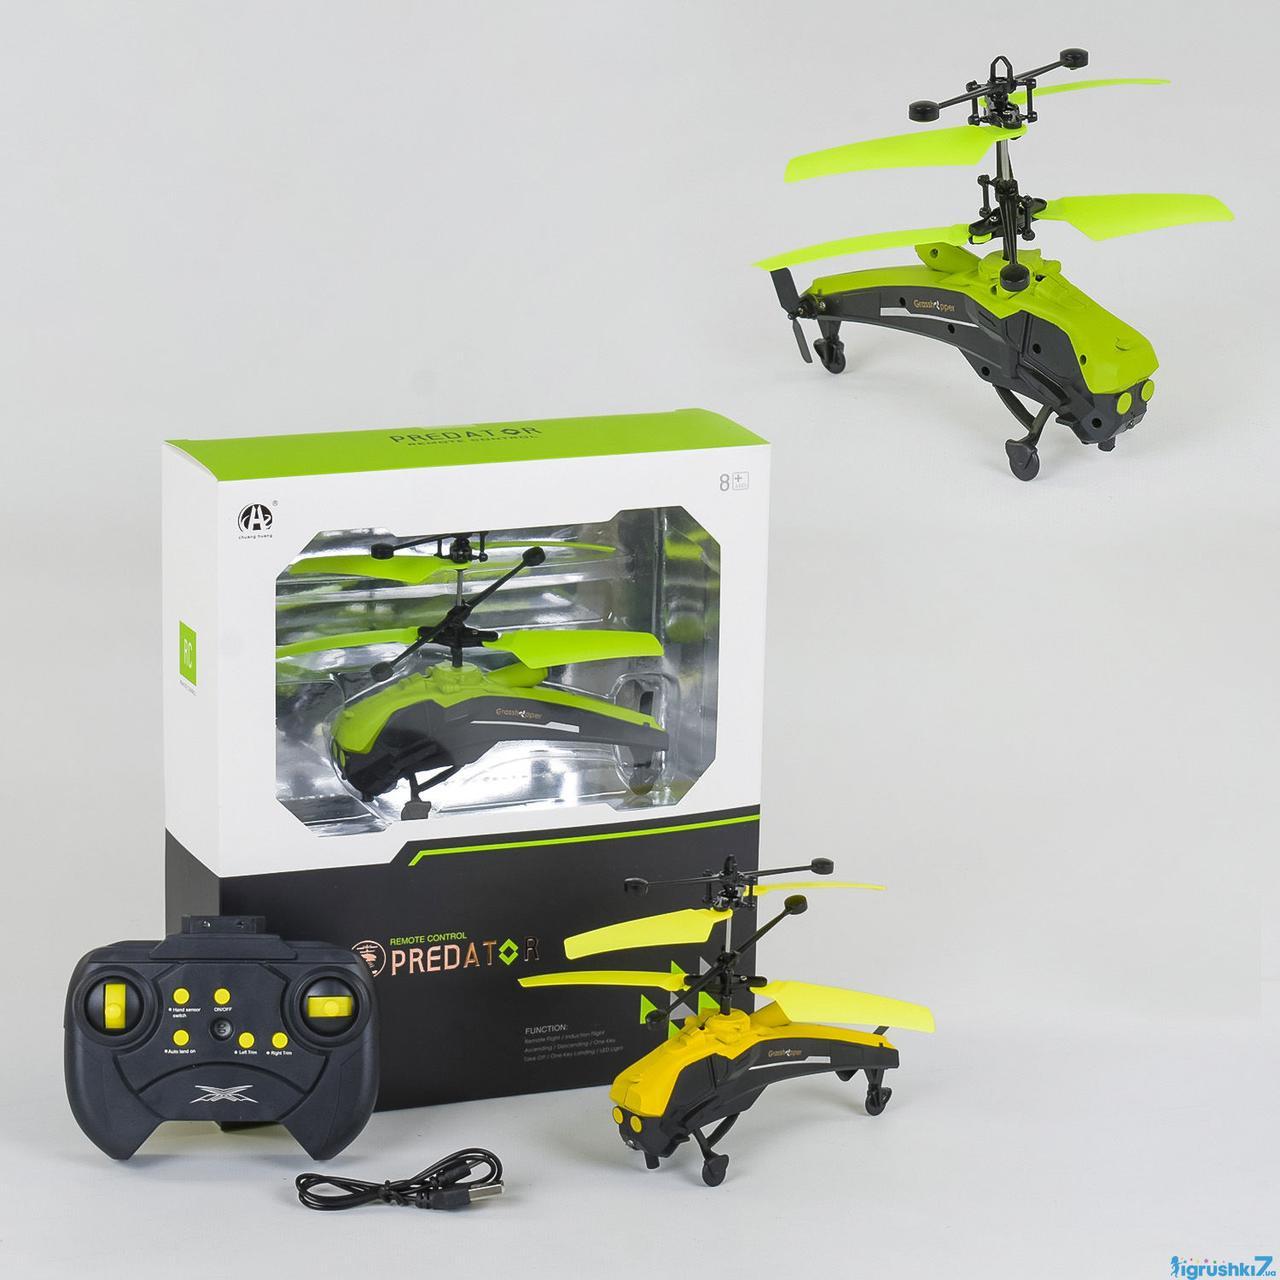 Вертолетик на радиоуправлении и сенсорном управлении